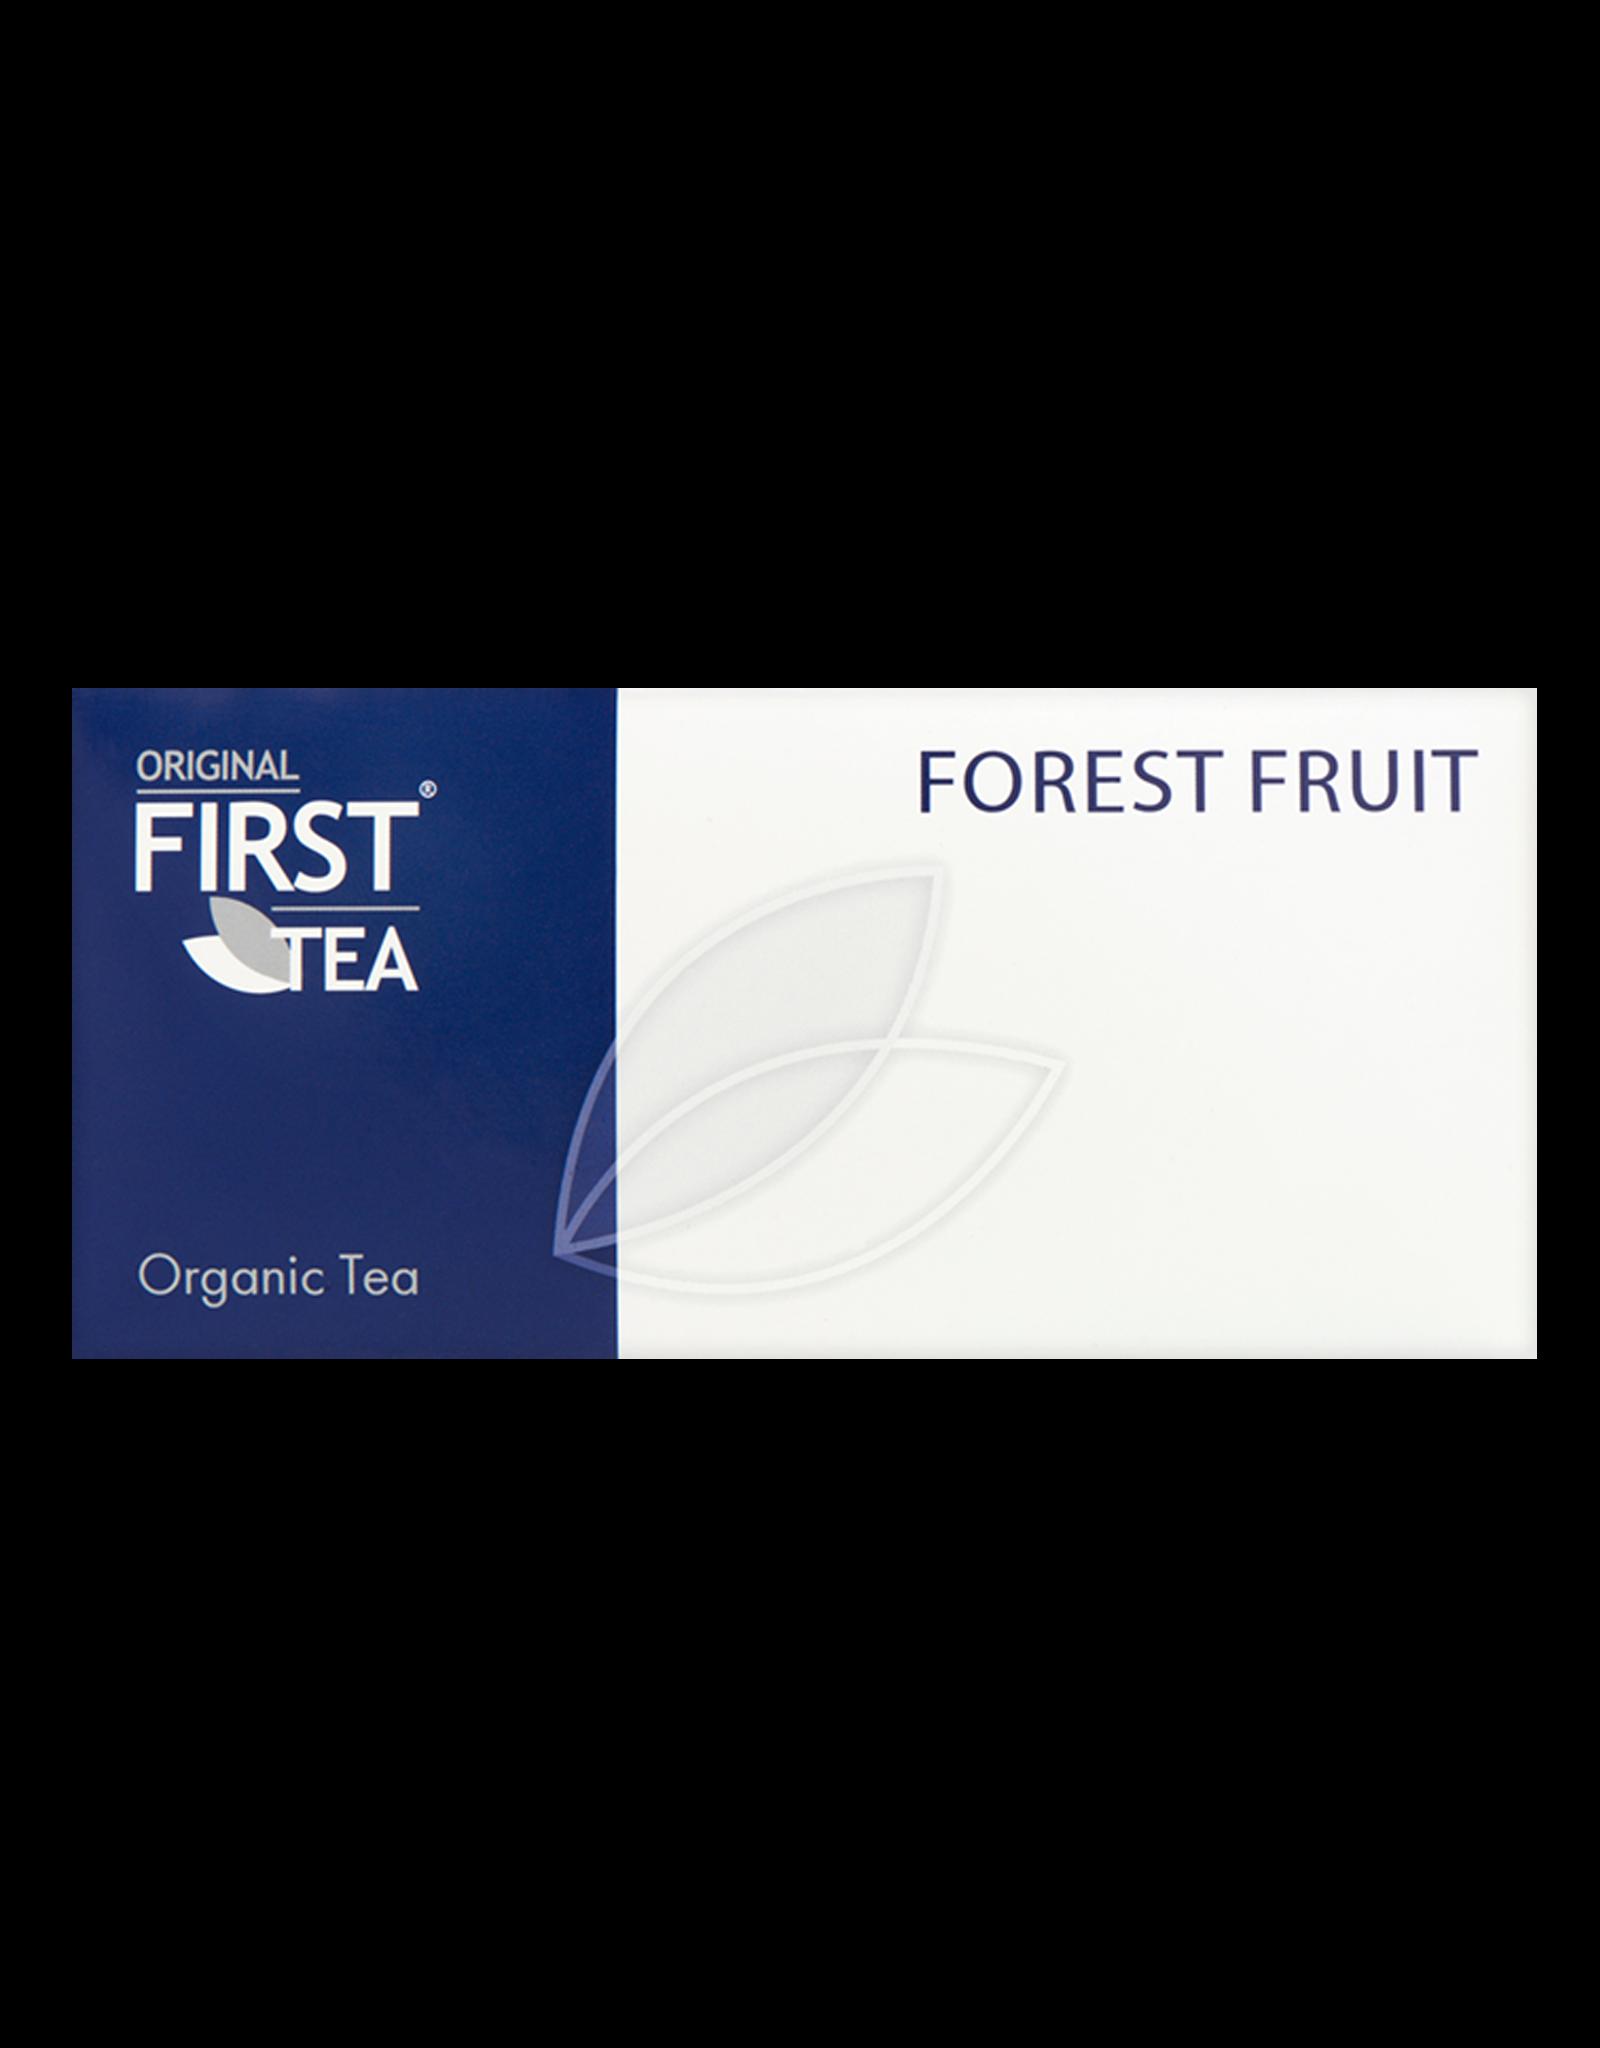 First Tea Master line Masterline Forest Fruit